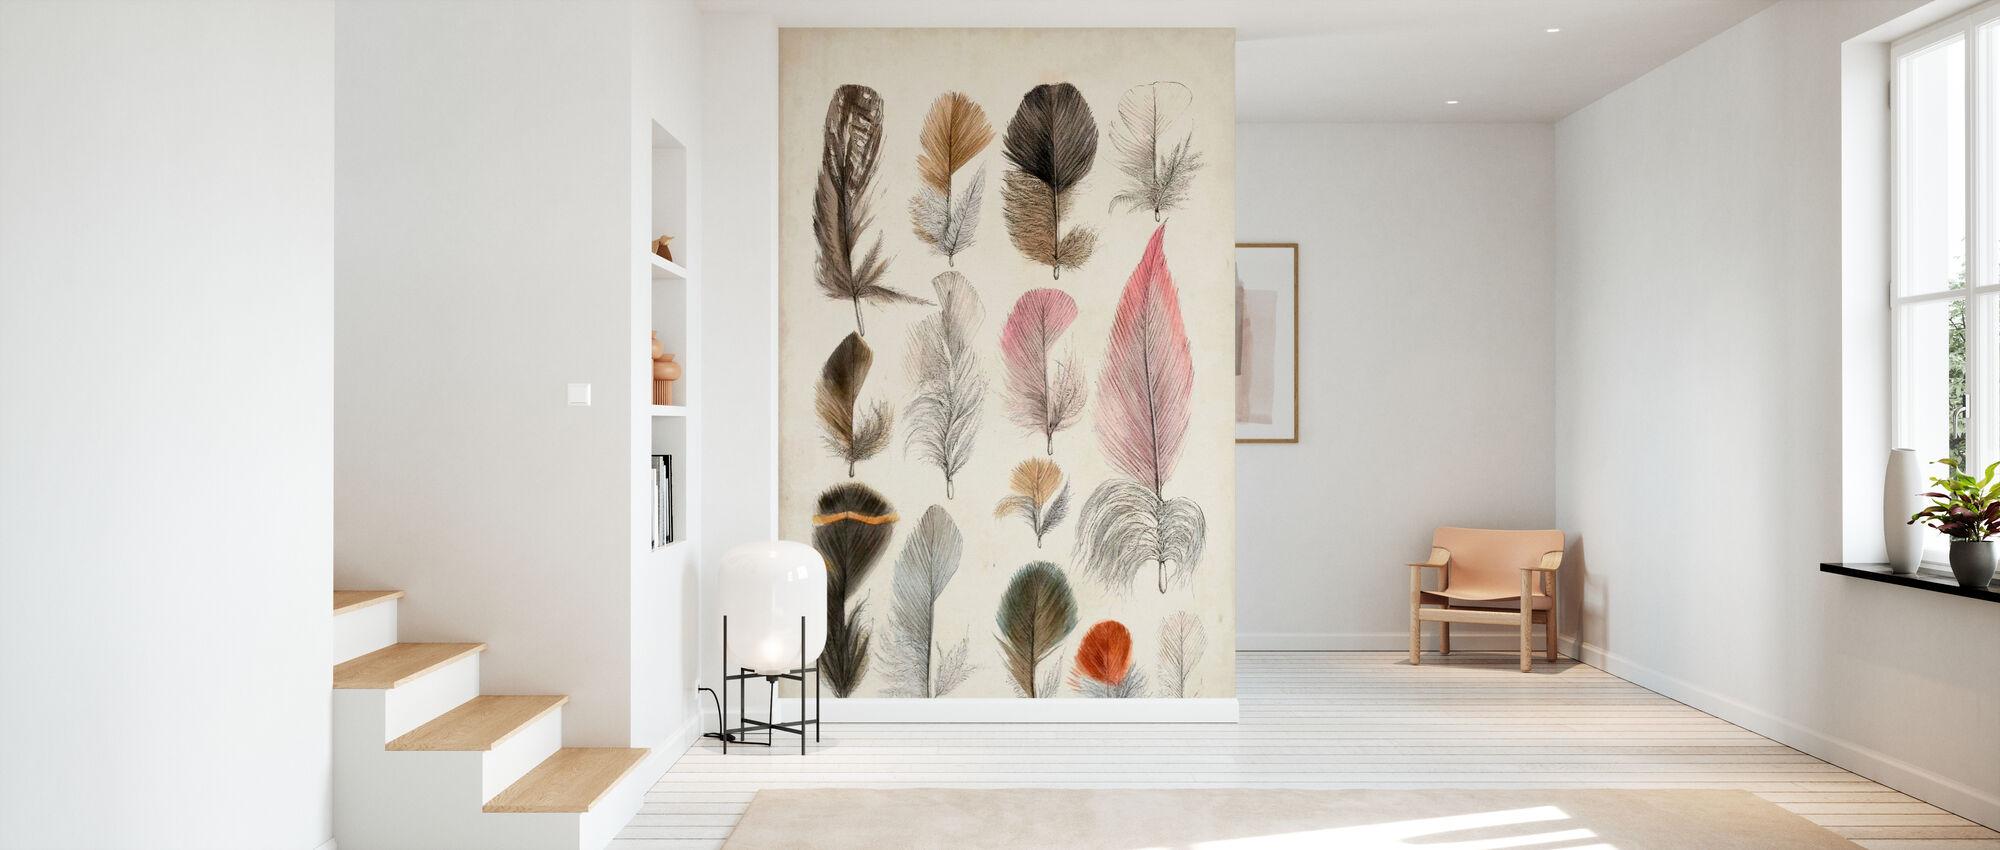 Antique Bird Feathers III - Wallpaper - Hallway